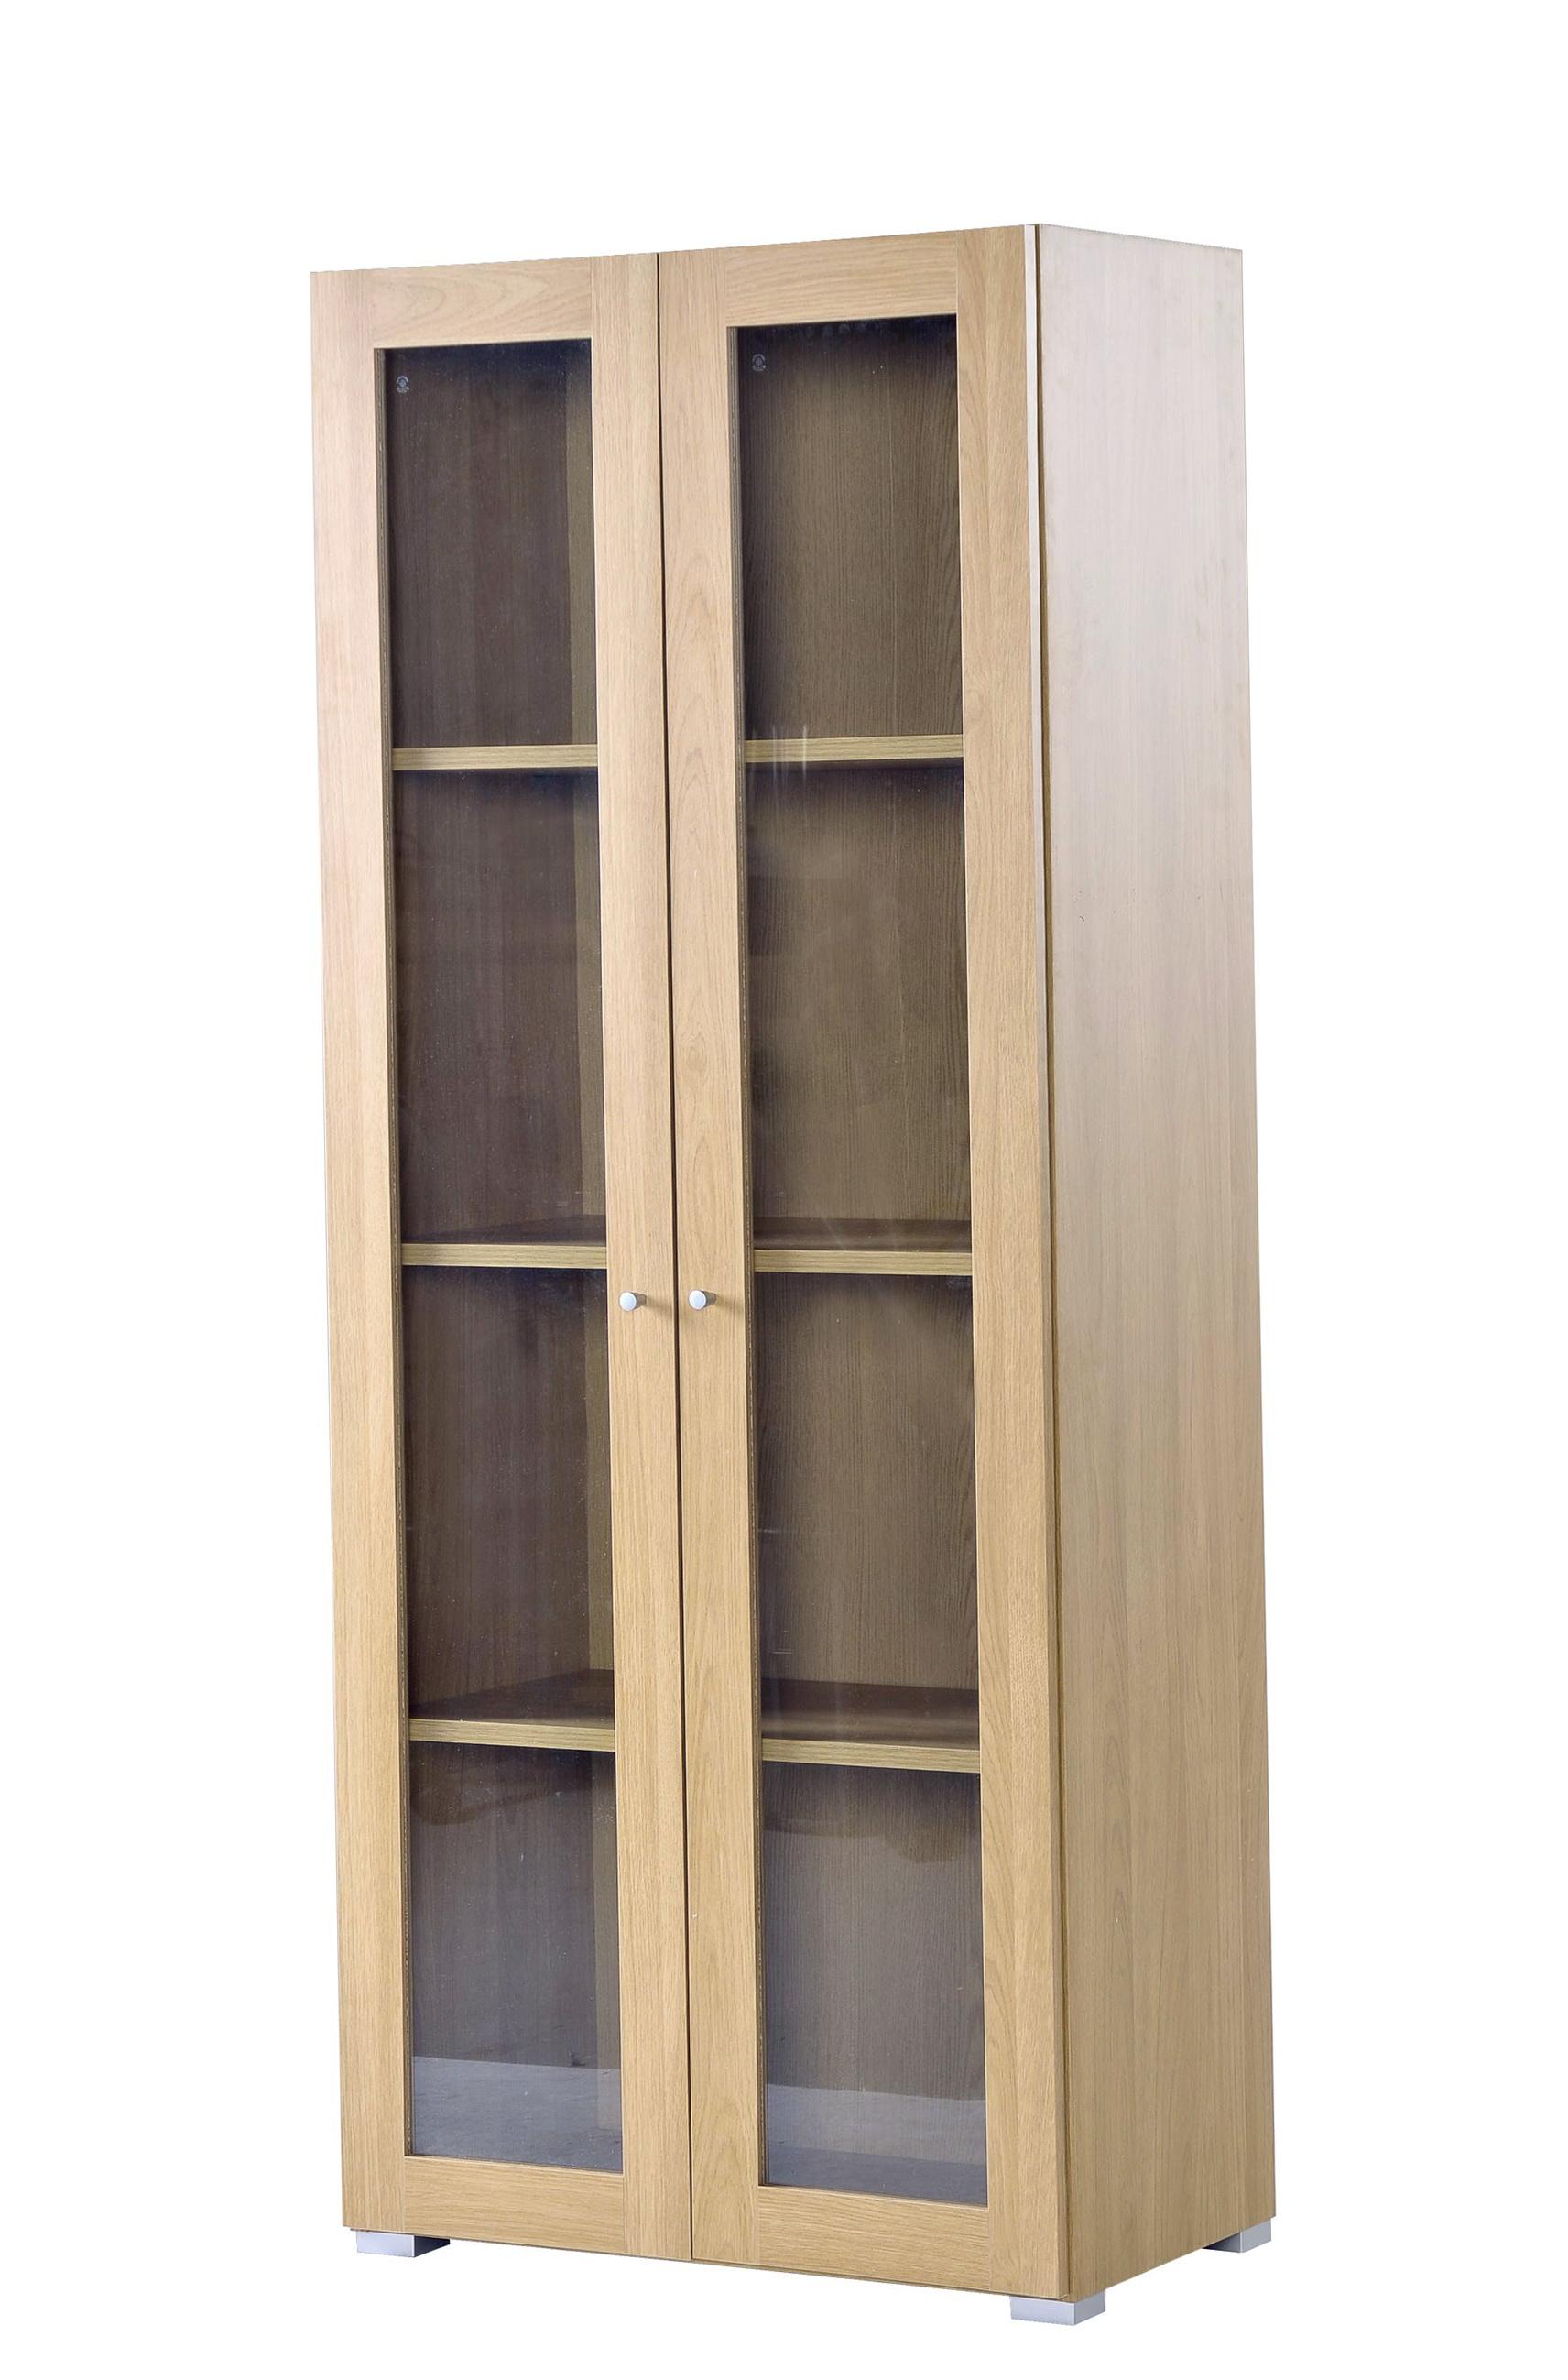 Ikea Glass Door Bookcase